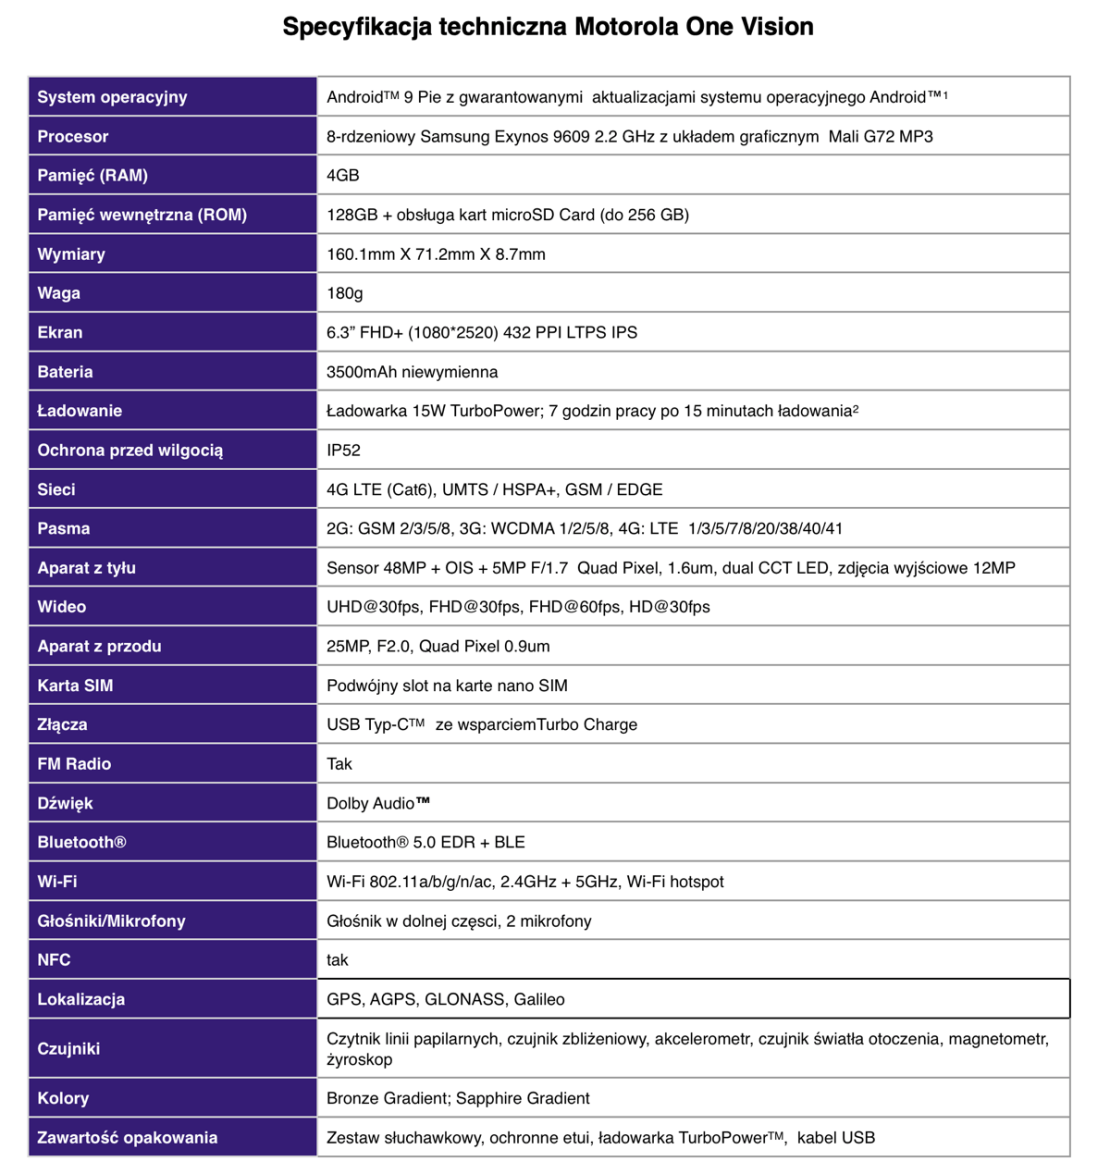 Specyfikacja techniczna: Motorola One Vision